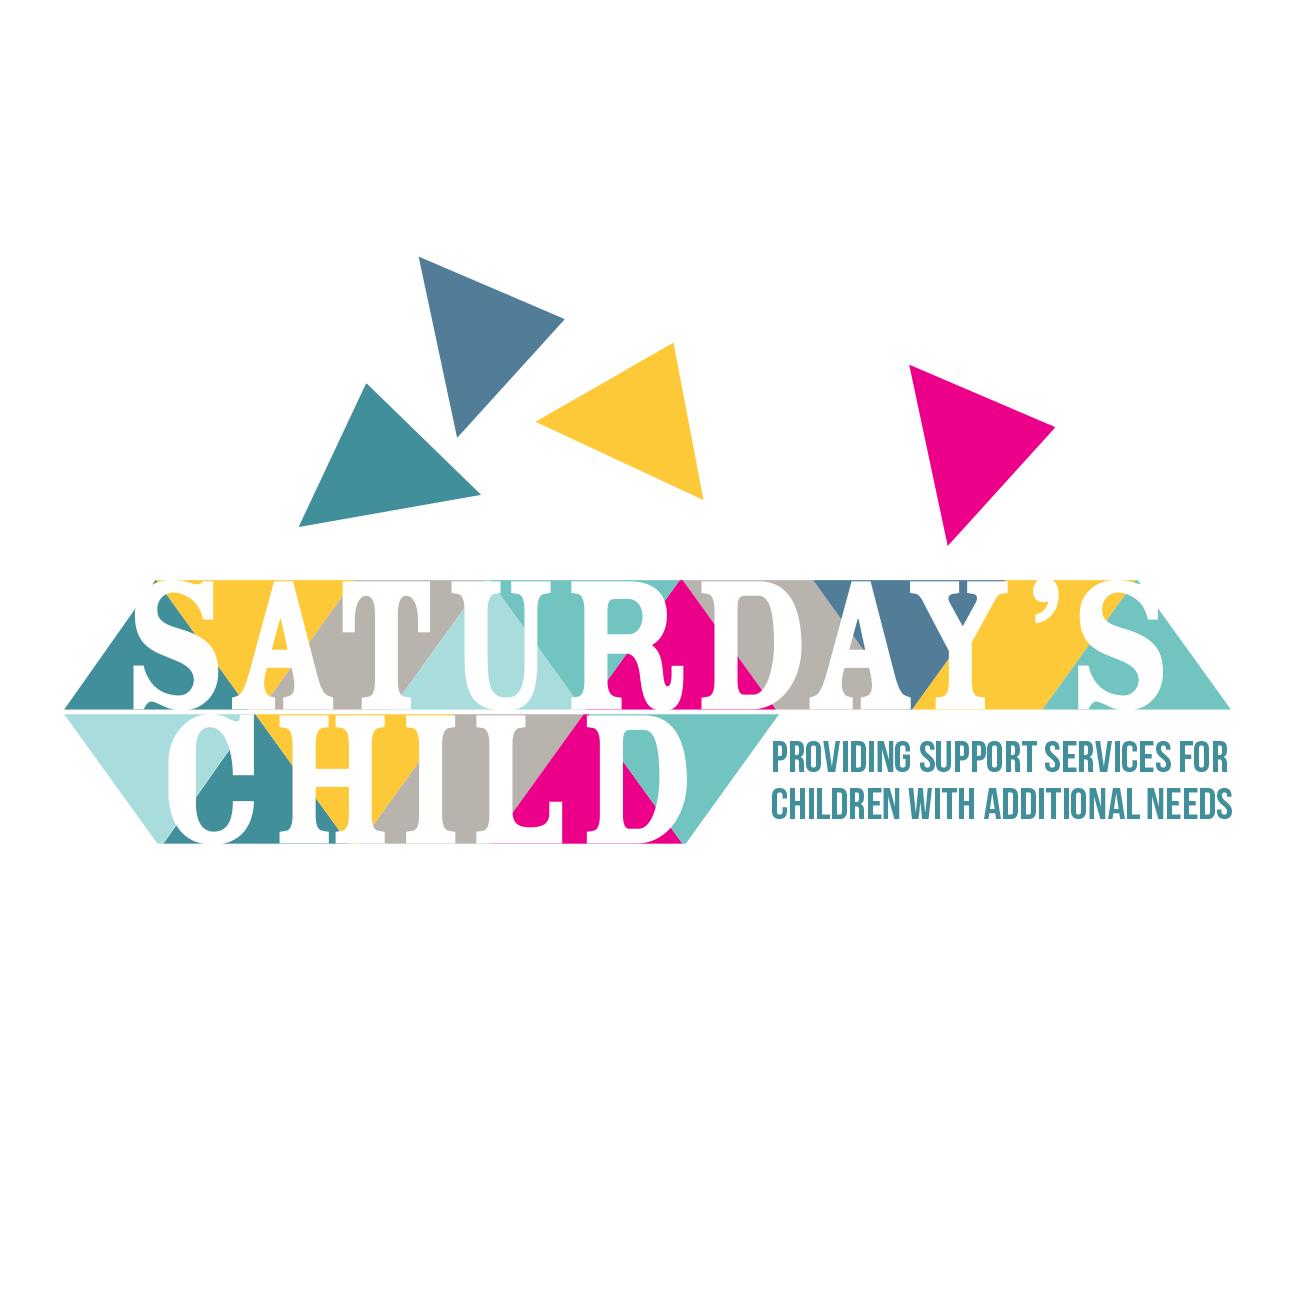 Saturdays Childcare logo idea